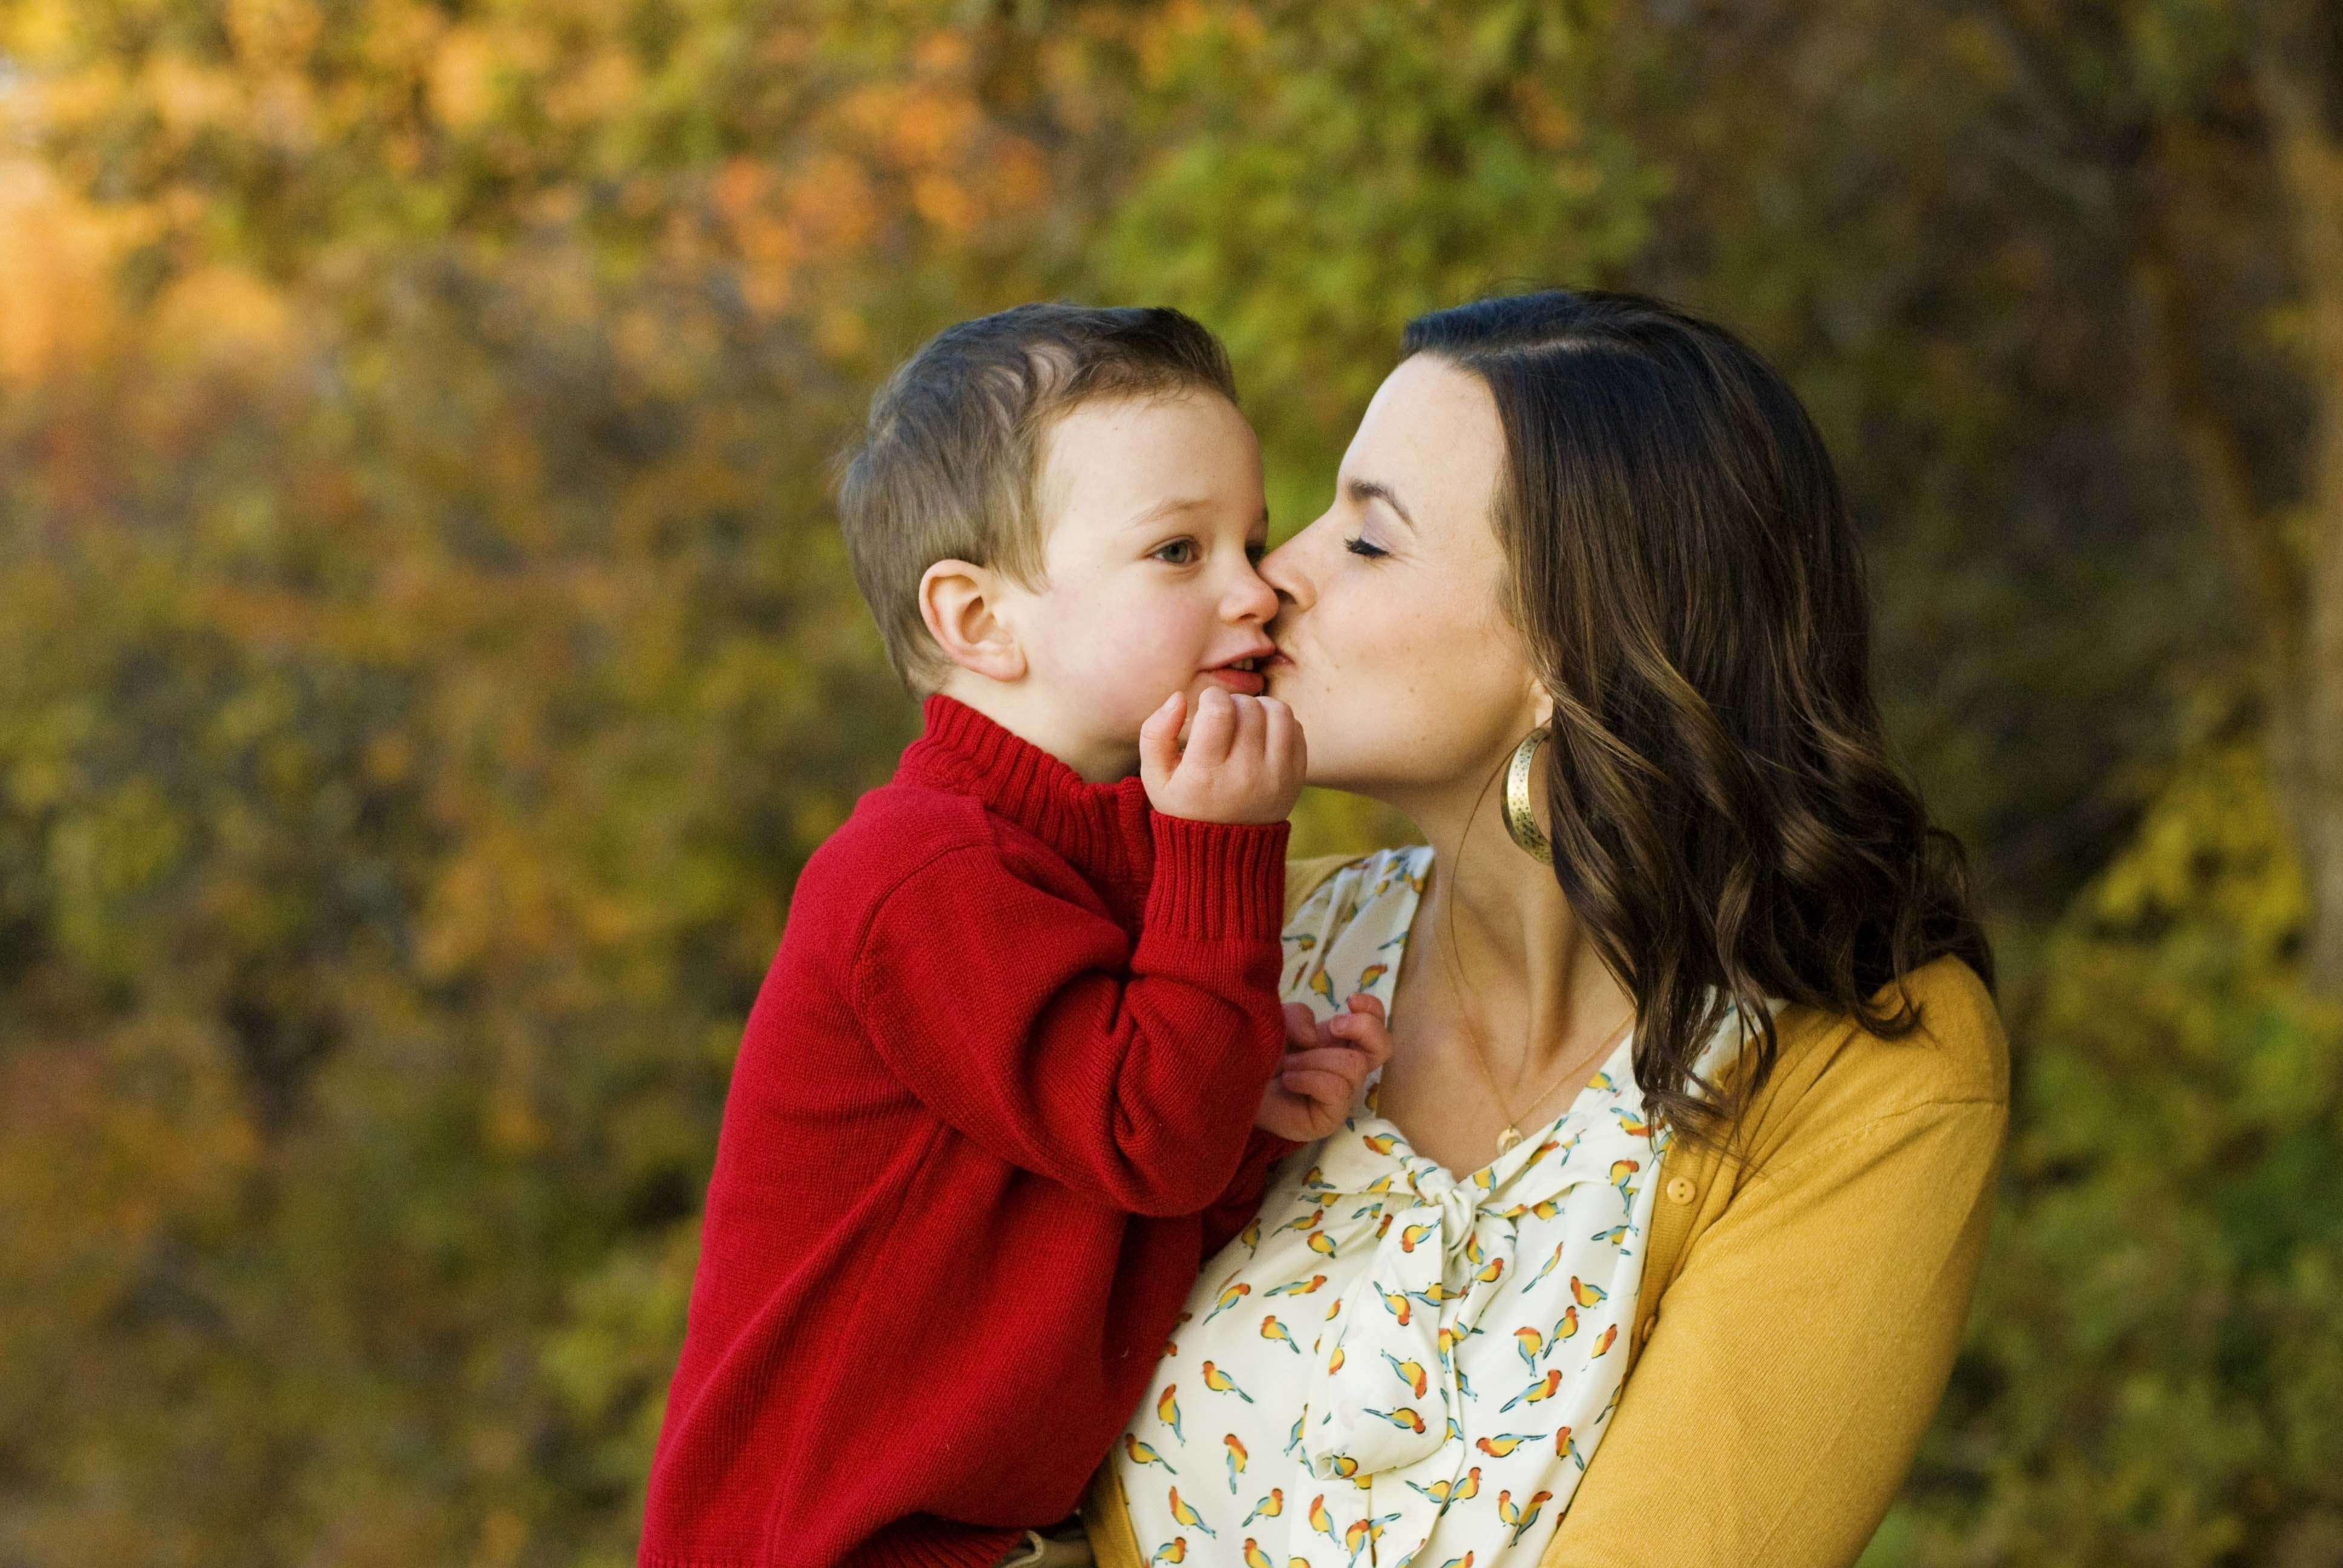 Mẹ đơn thân nổi tiếng vui với cuộc sống đa sắc màu của mình